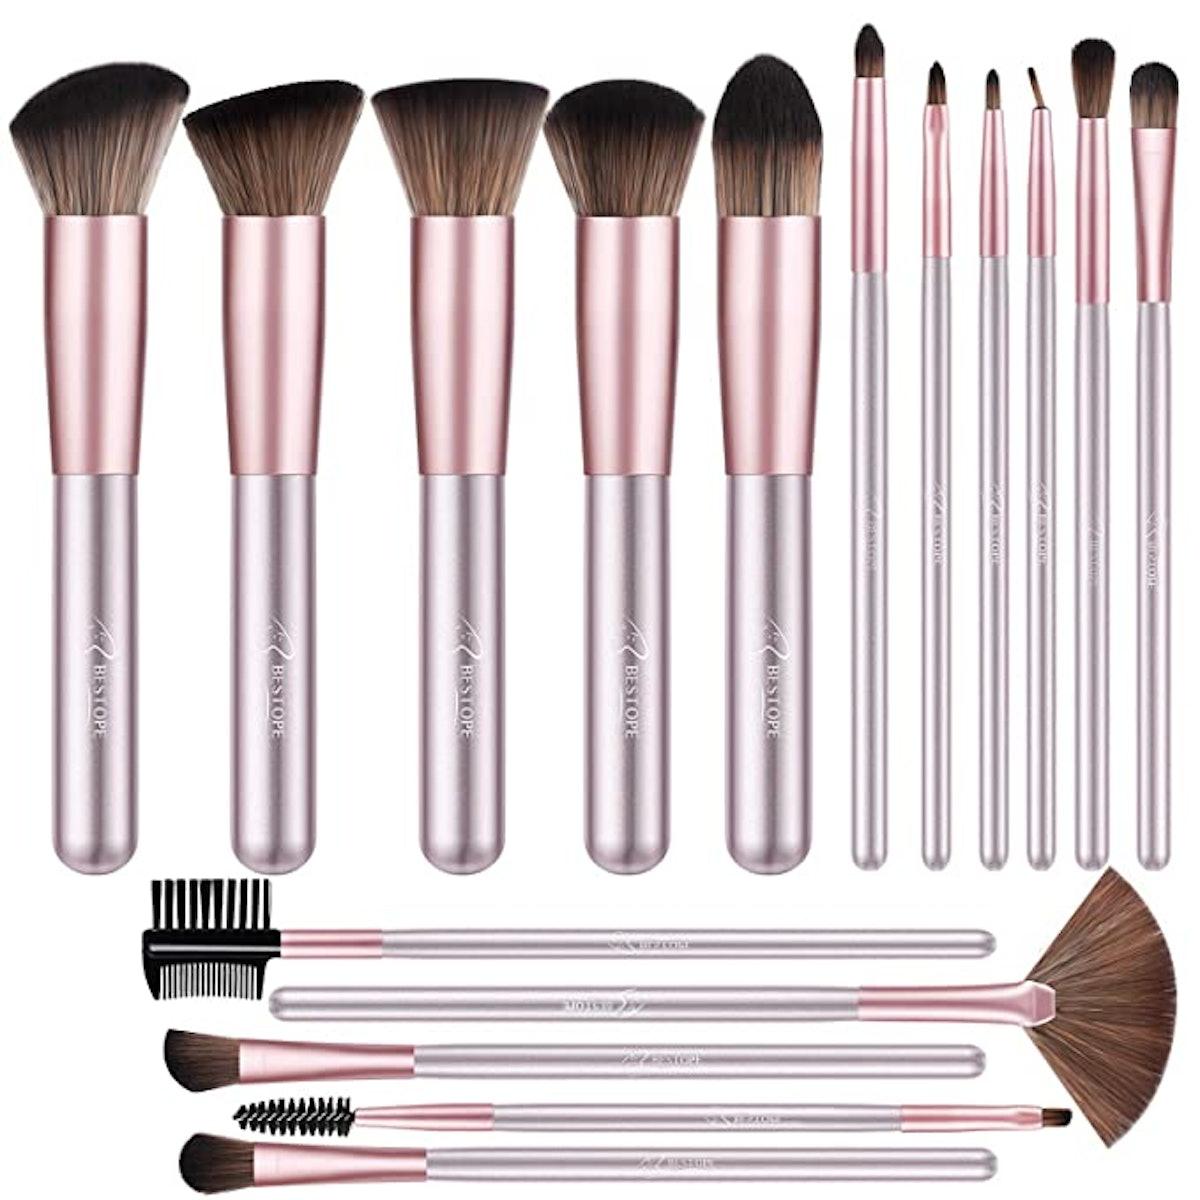 BESTOPE Makeup Brush Set (16-Piece Set)